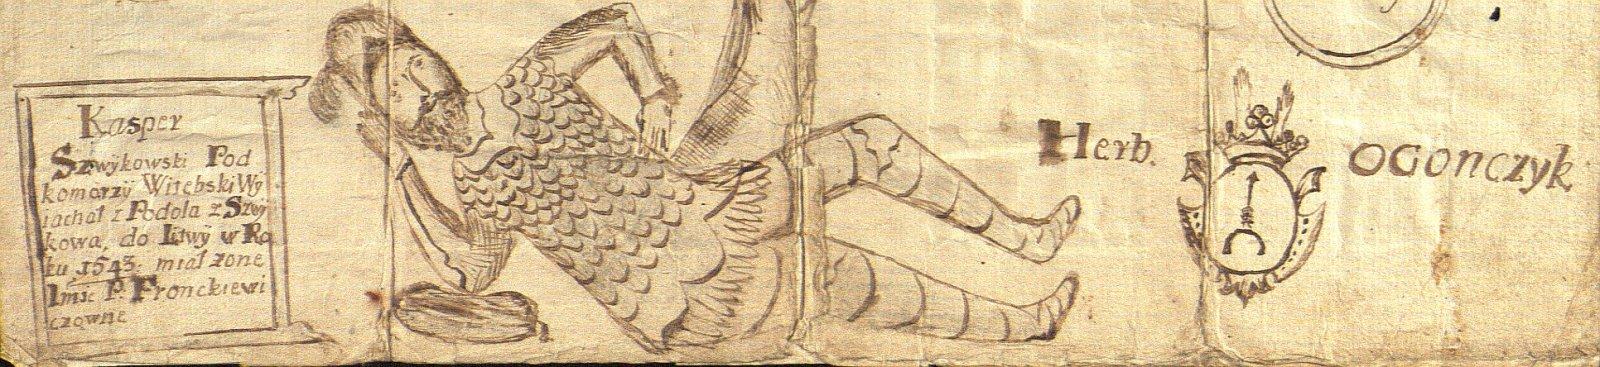 3 pav. Lietuviškos Šveikovskių linijos pradininkas Kasparas Šveikovskis, XVIII a. LMAVB RS, f. 21, b. 921, l. 1